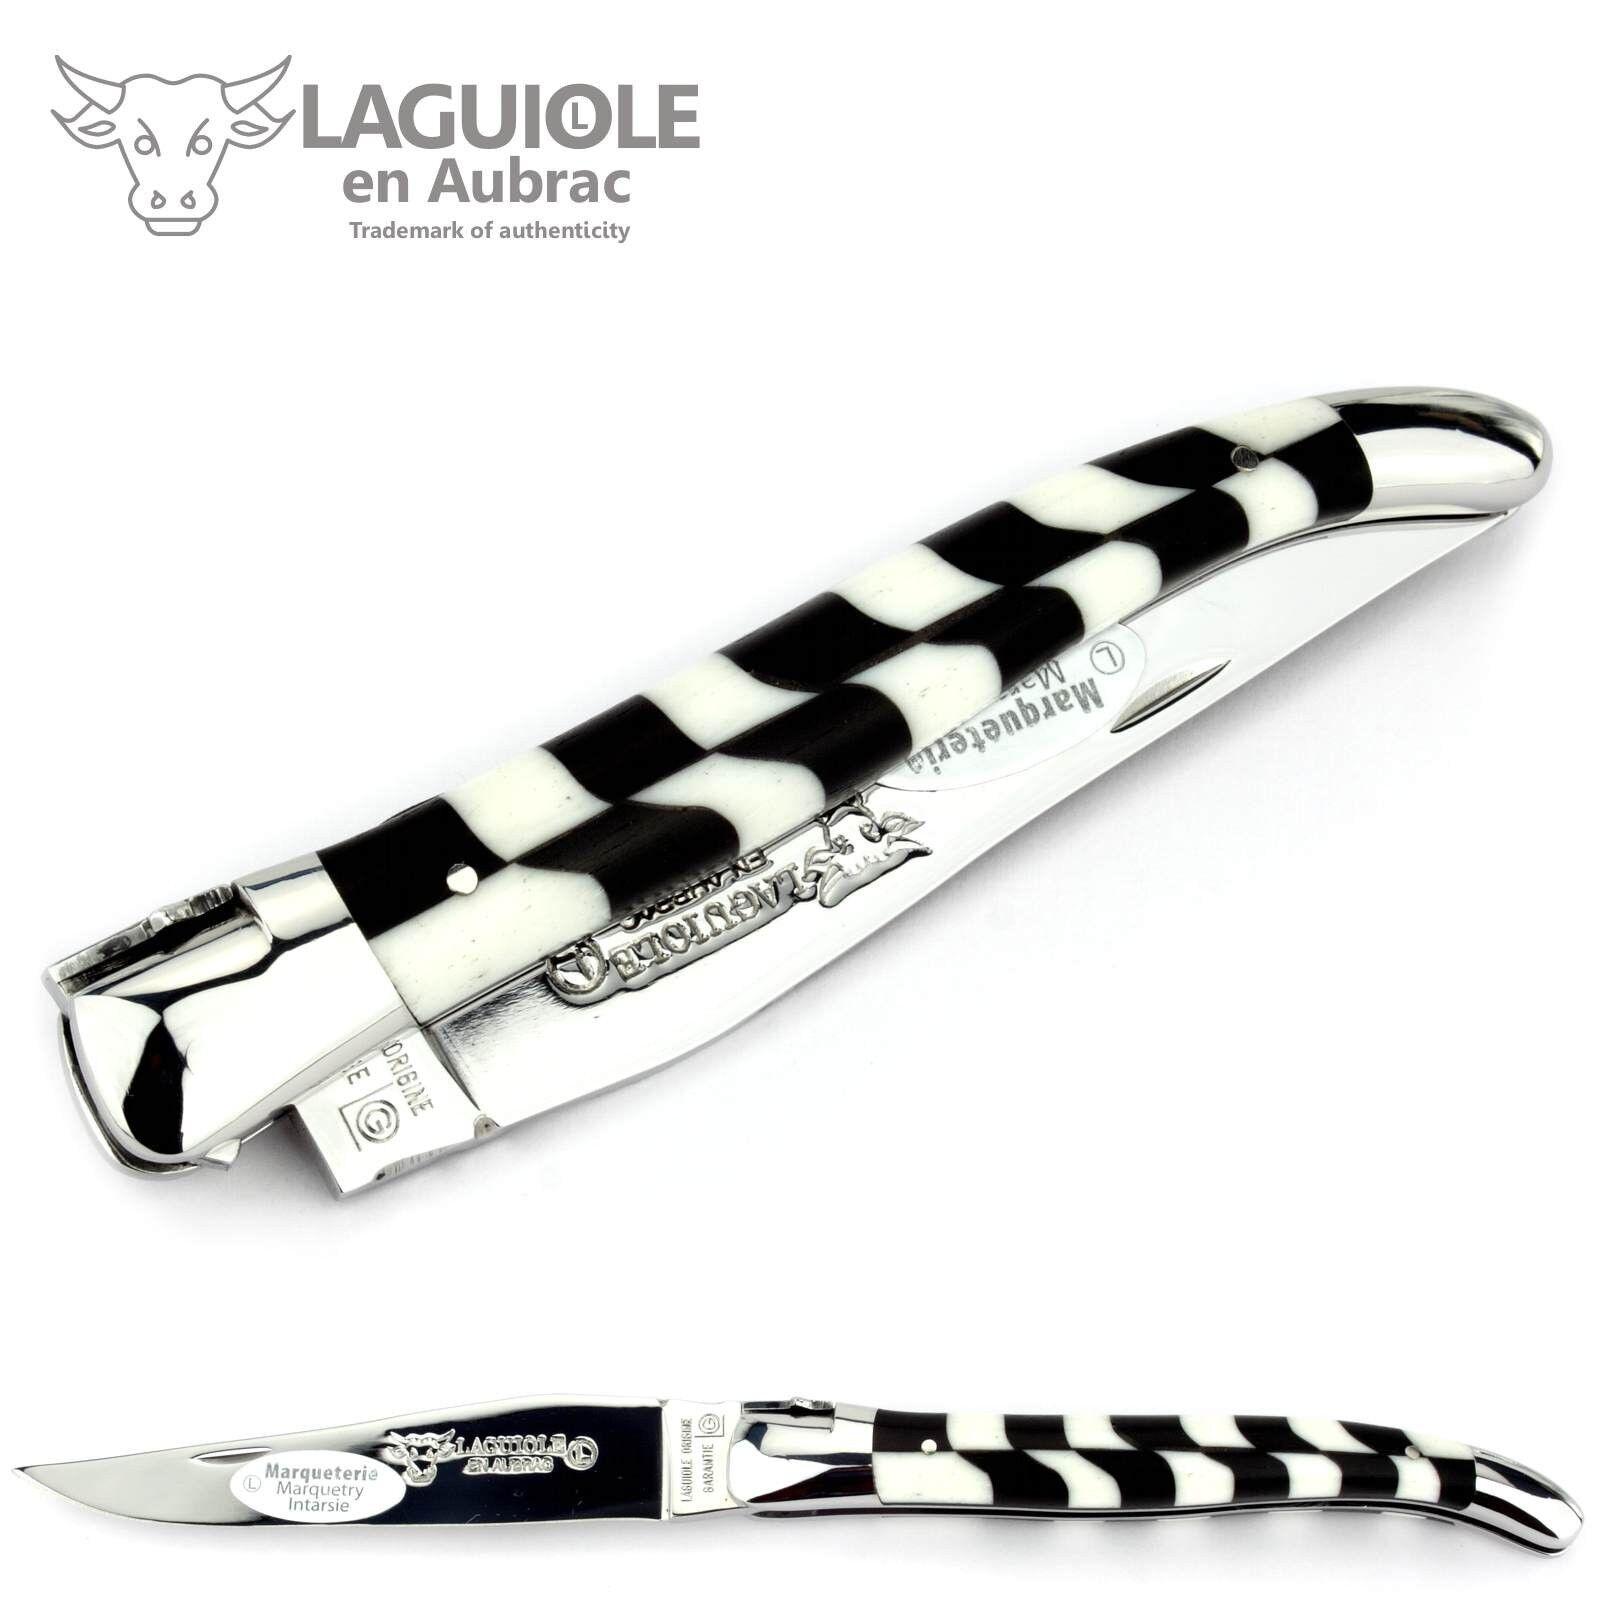 Laguiole Aubrac 12 cm Taschenmesser Freimaurer Griff Intarsie Ebenholz   Knochen